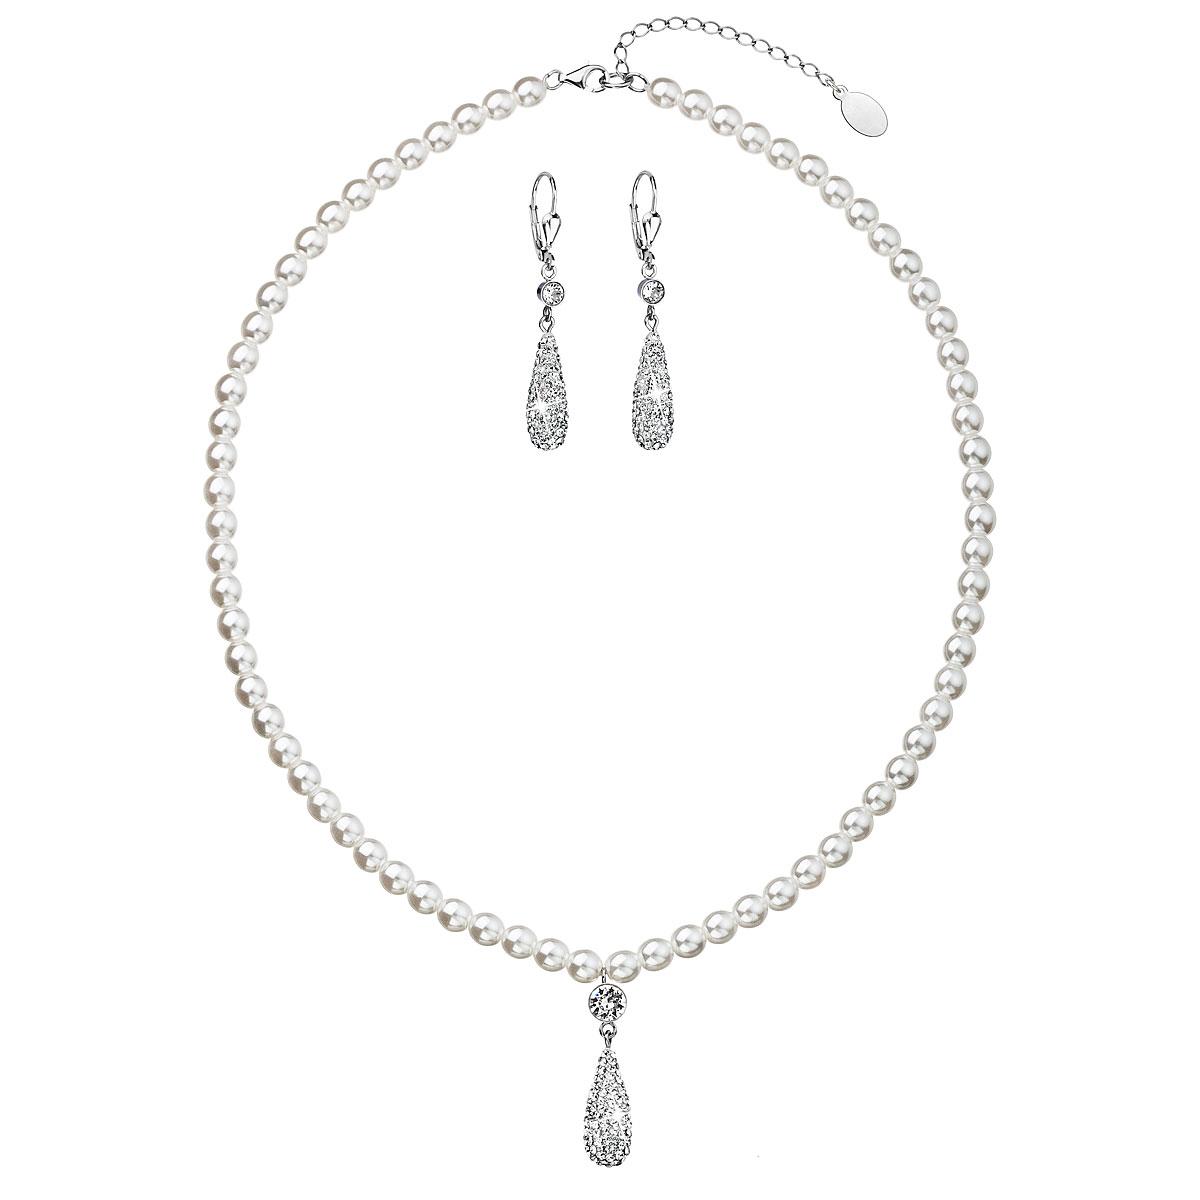 Sada šperkov s krištáľmi Swarovski náušnice a prívesok biele perly slza 39121.1